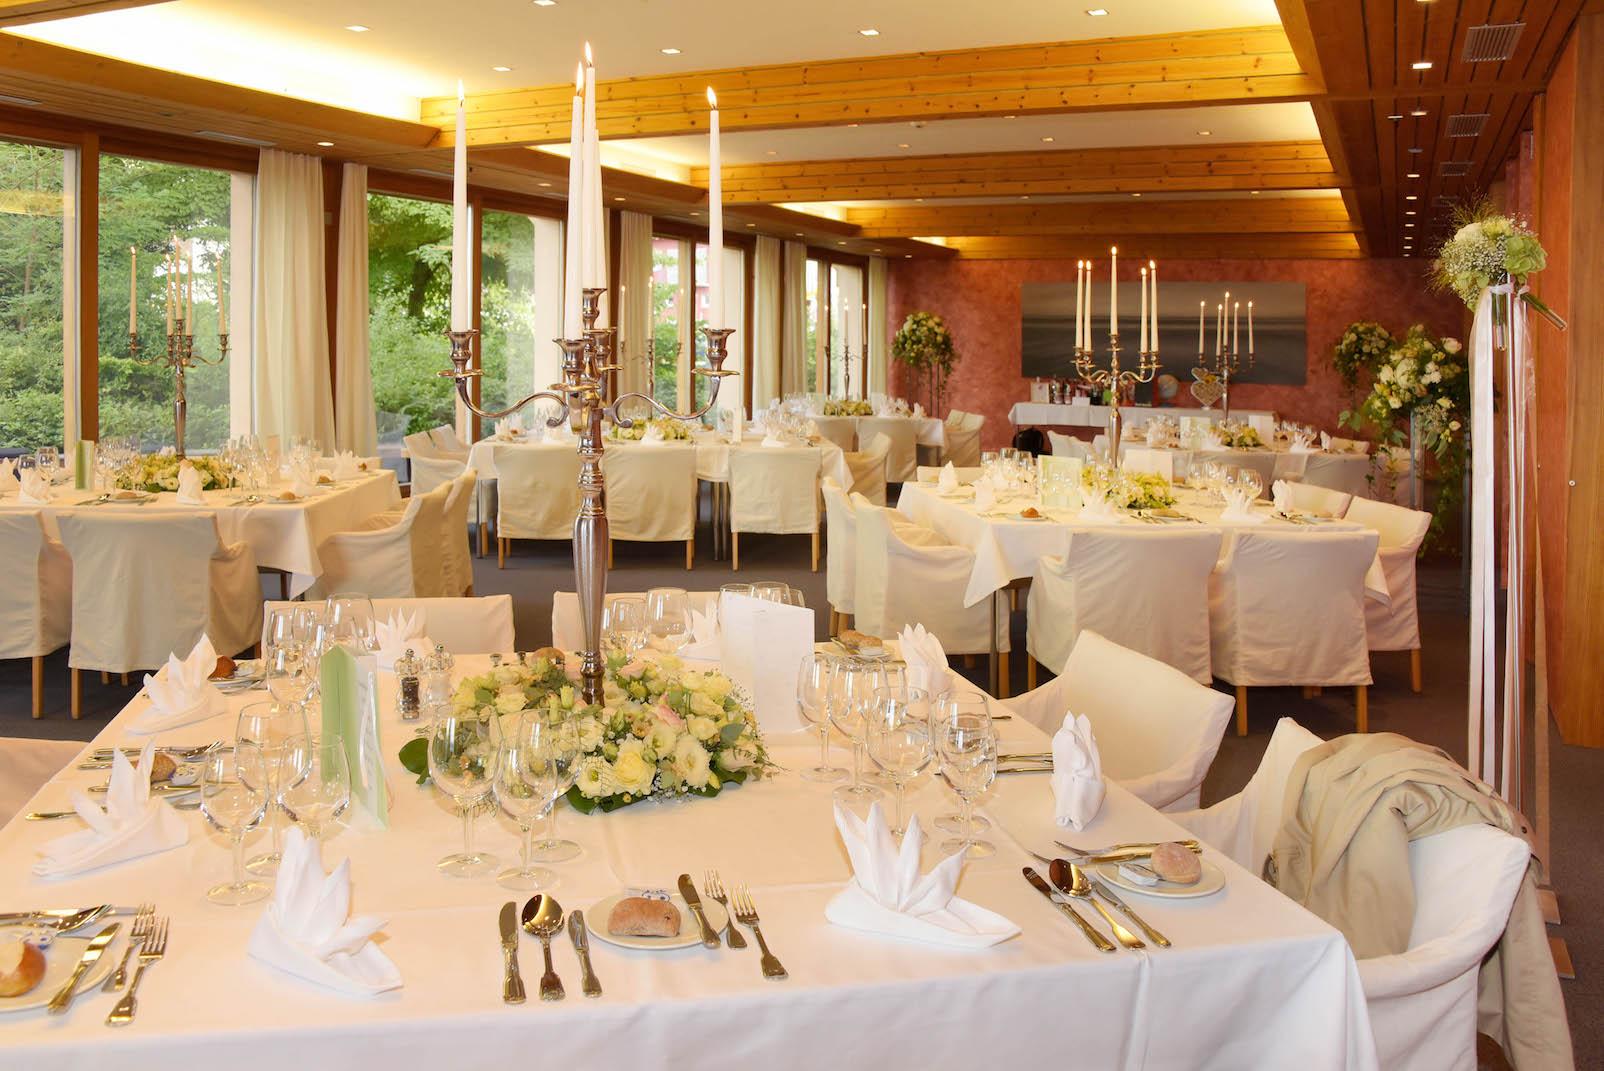 Tischschmuck hochzeit esssaal bl tenart for Raumgestaltung hochzeit